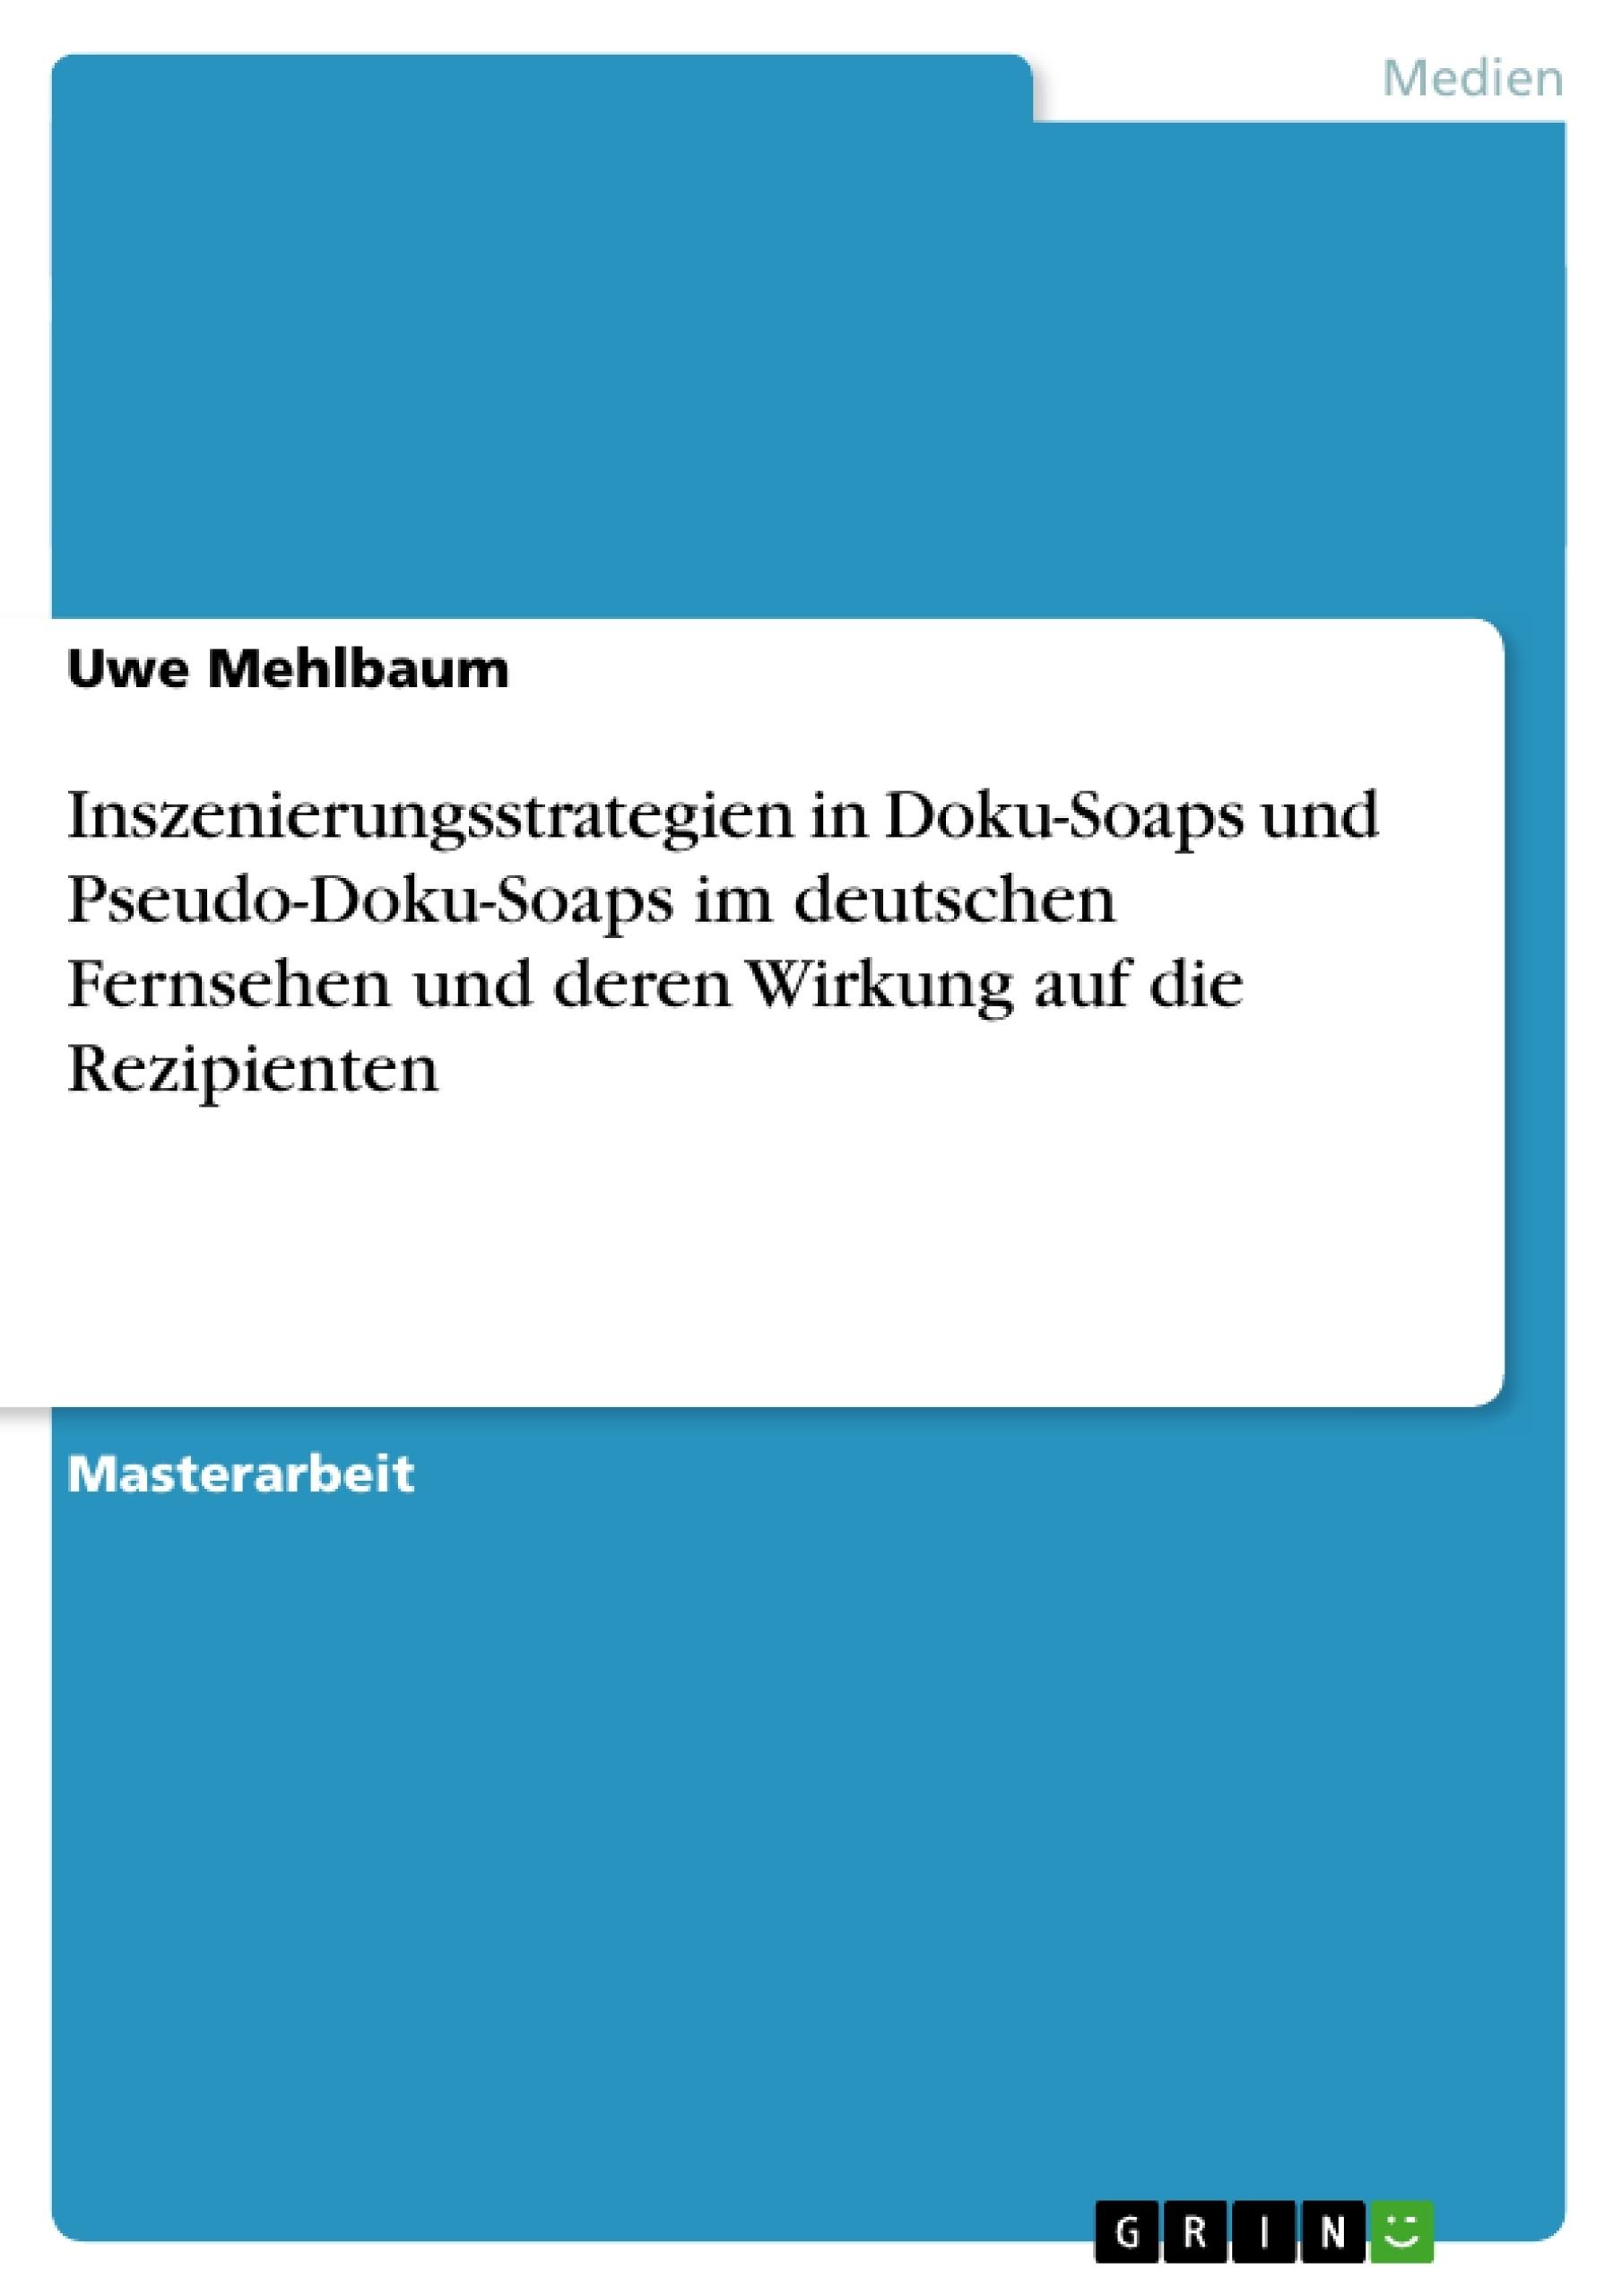 Titel: Inszenierungsstrategien in Doku-Soaps und Pseudo-Doku-Soaps im deutschen Fernsehen und deren Wirkung auf die Rezipienten